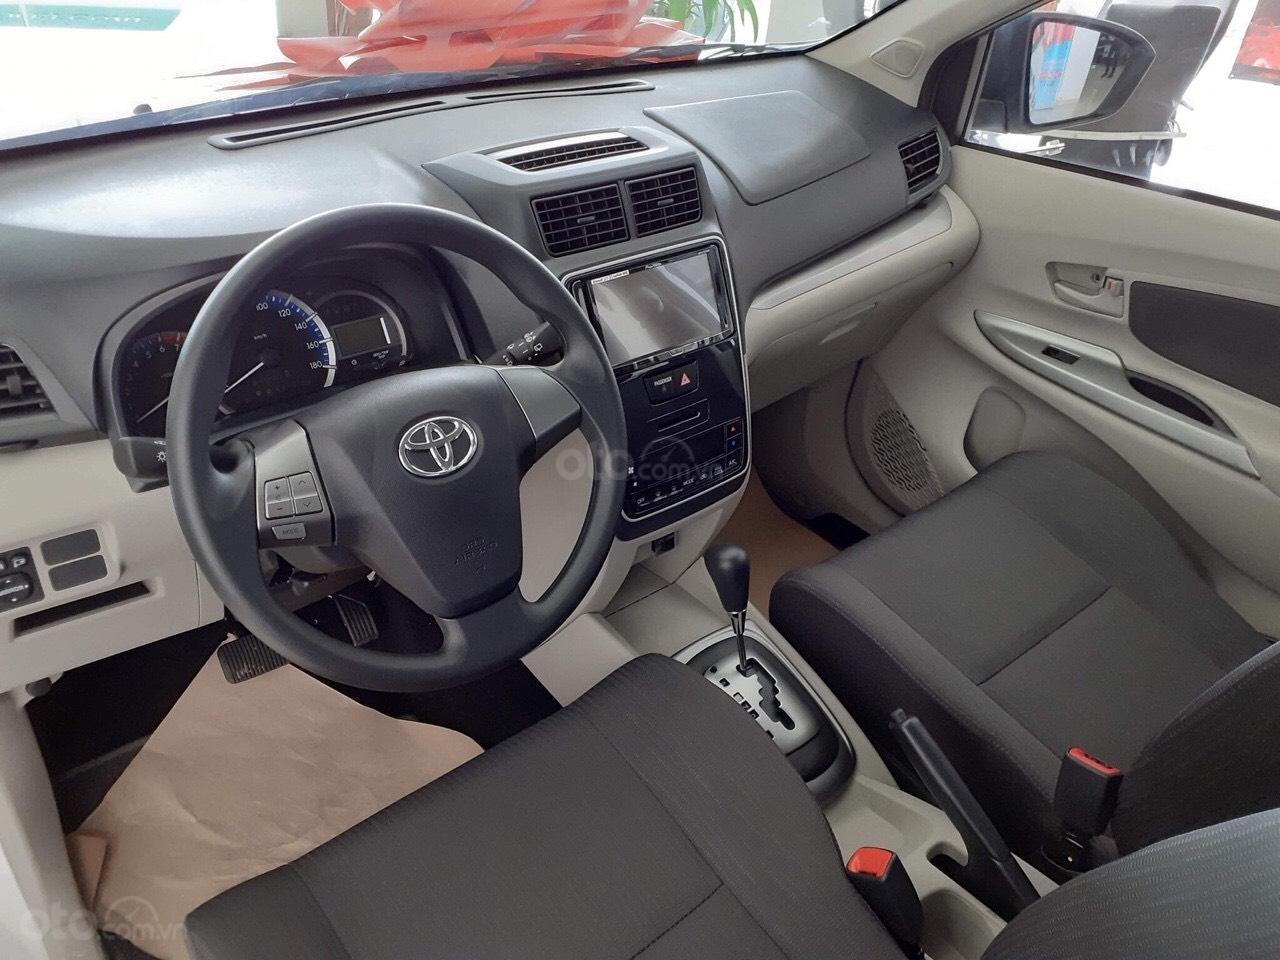 Toyota Avanza 1.5G tự động - mua trả góp với 160tr- khuyến mãi khủng (4)